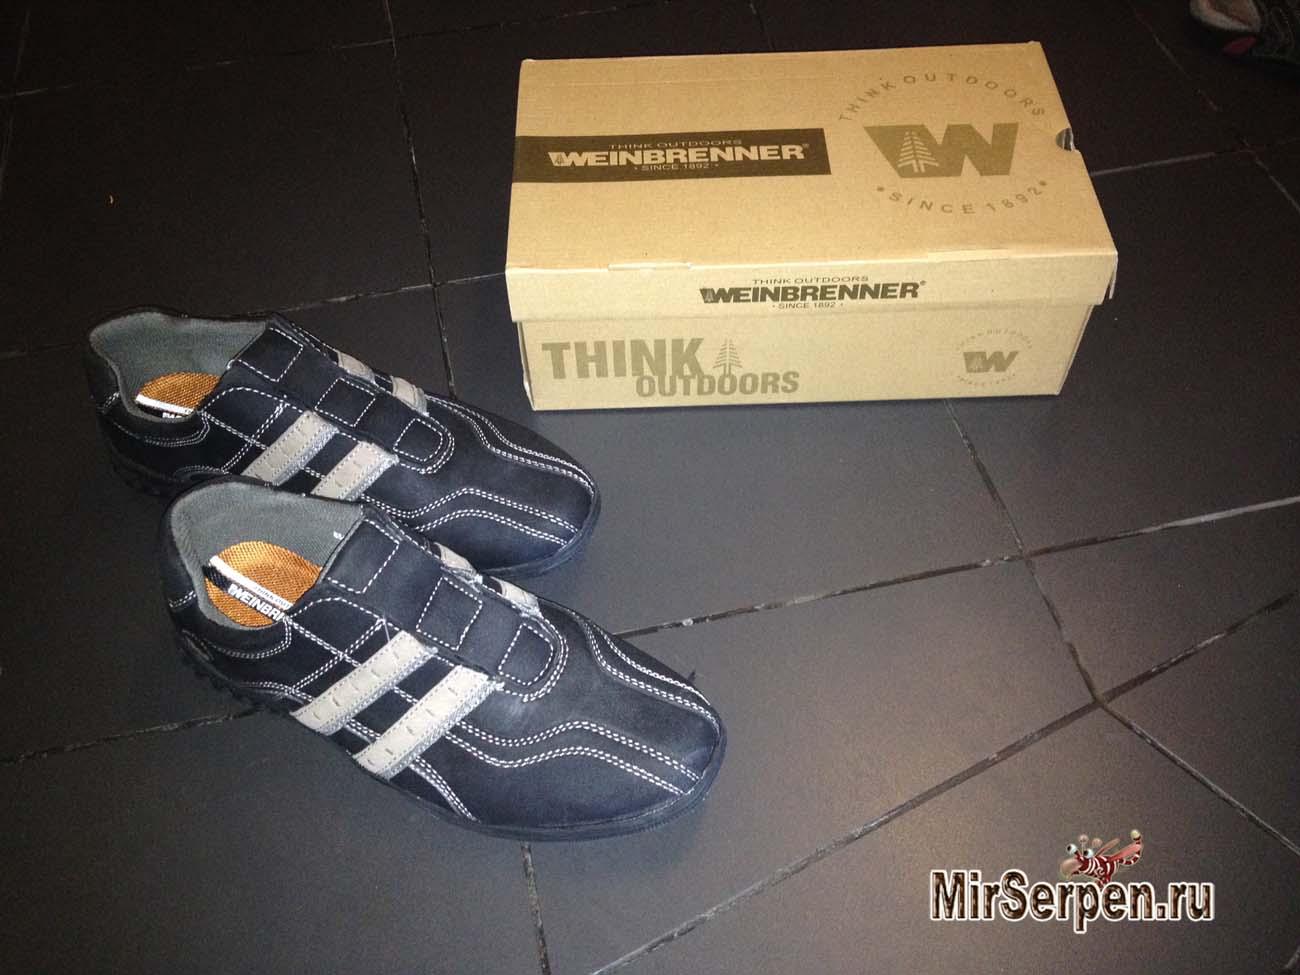 Покупаем обувь, произведенную в Таиланде